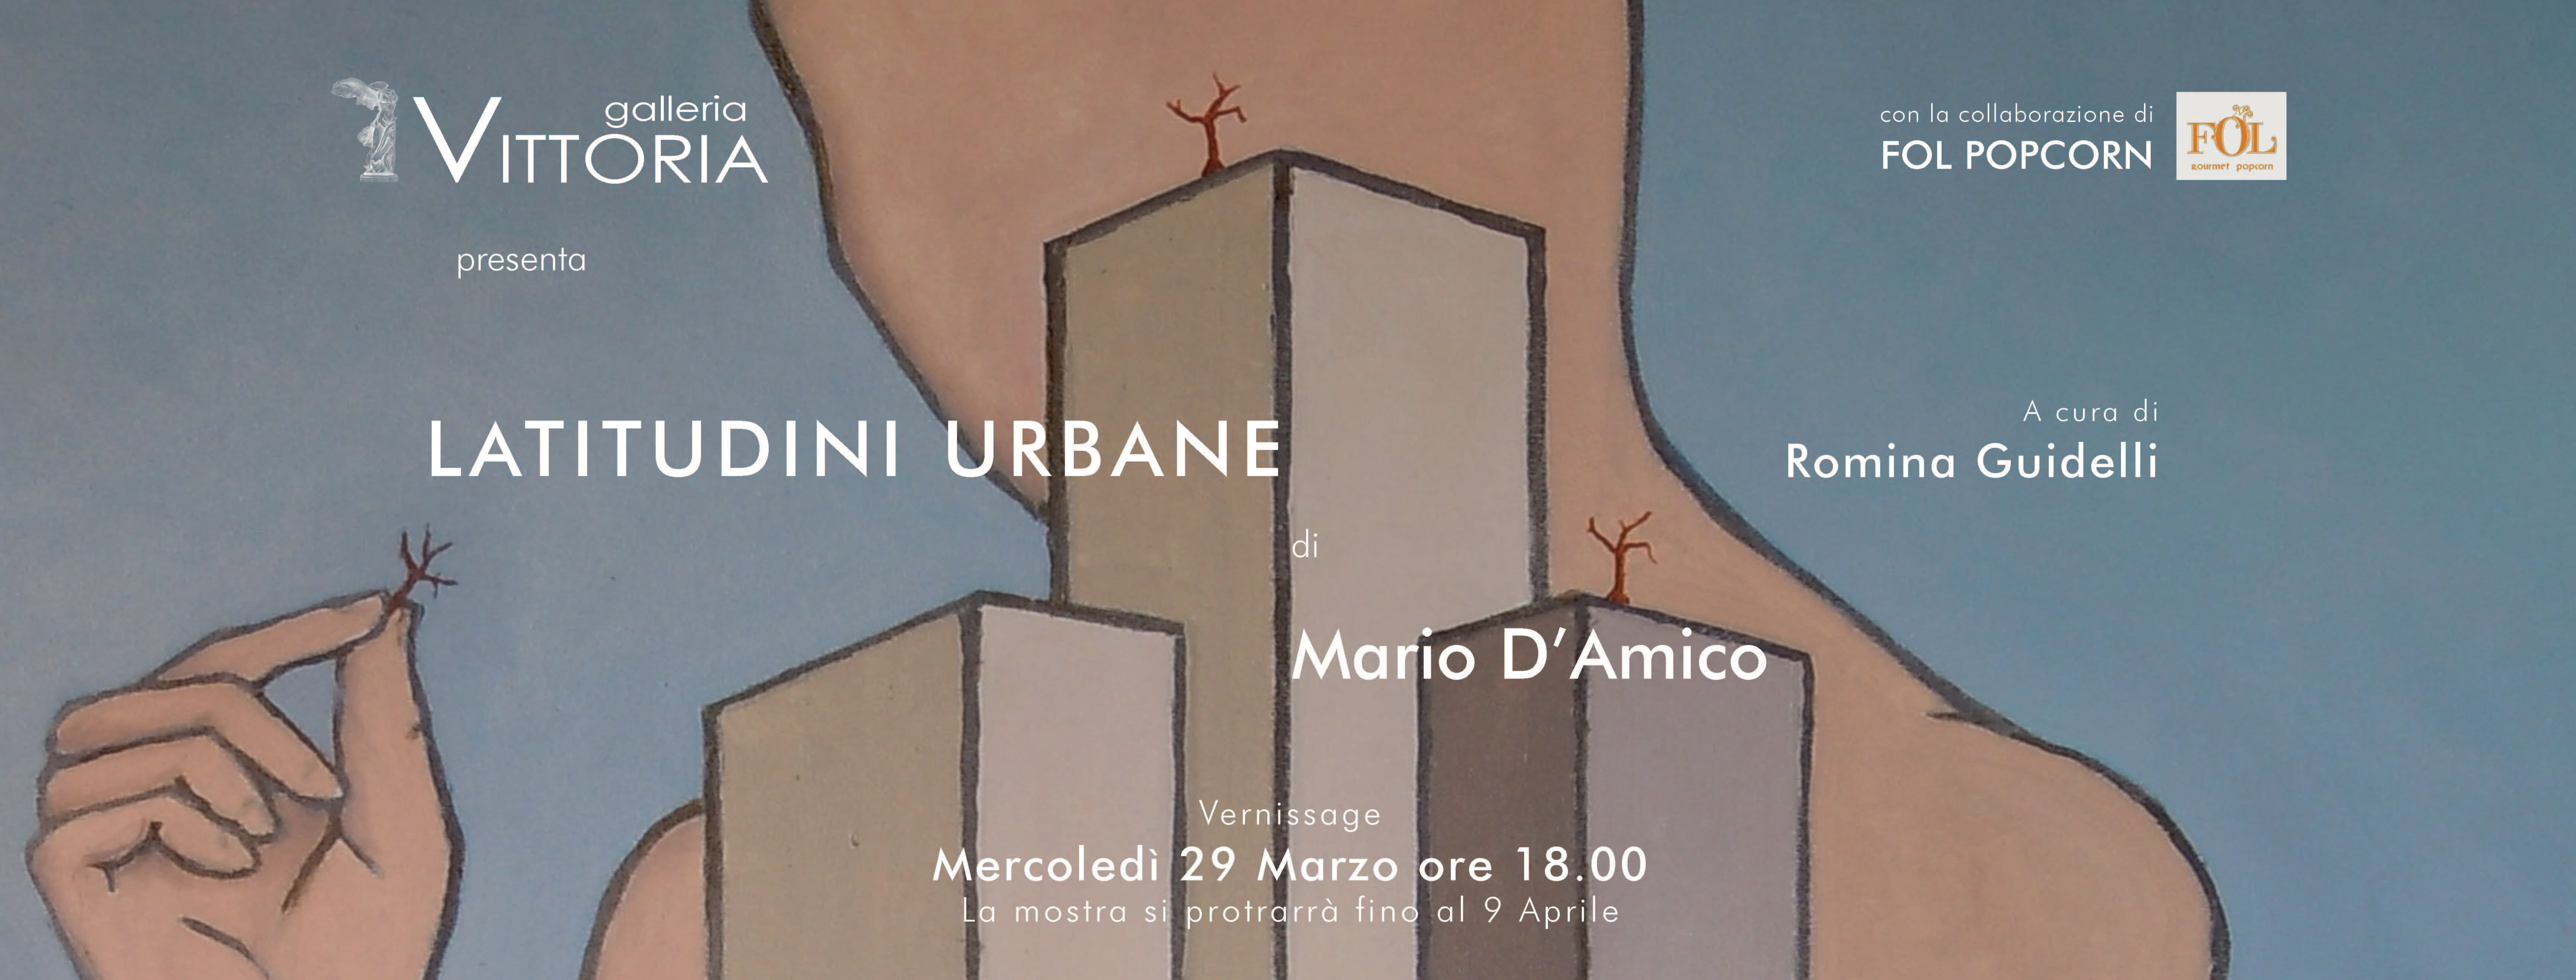 Latitudini Urbane di Mario D'Amico in mostra a Roma presso la Galleria Vittoria